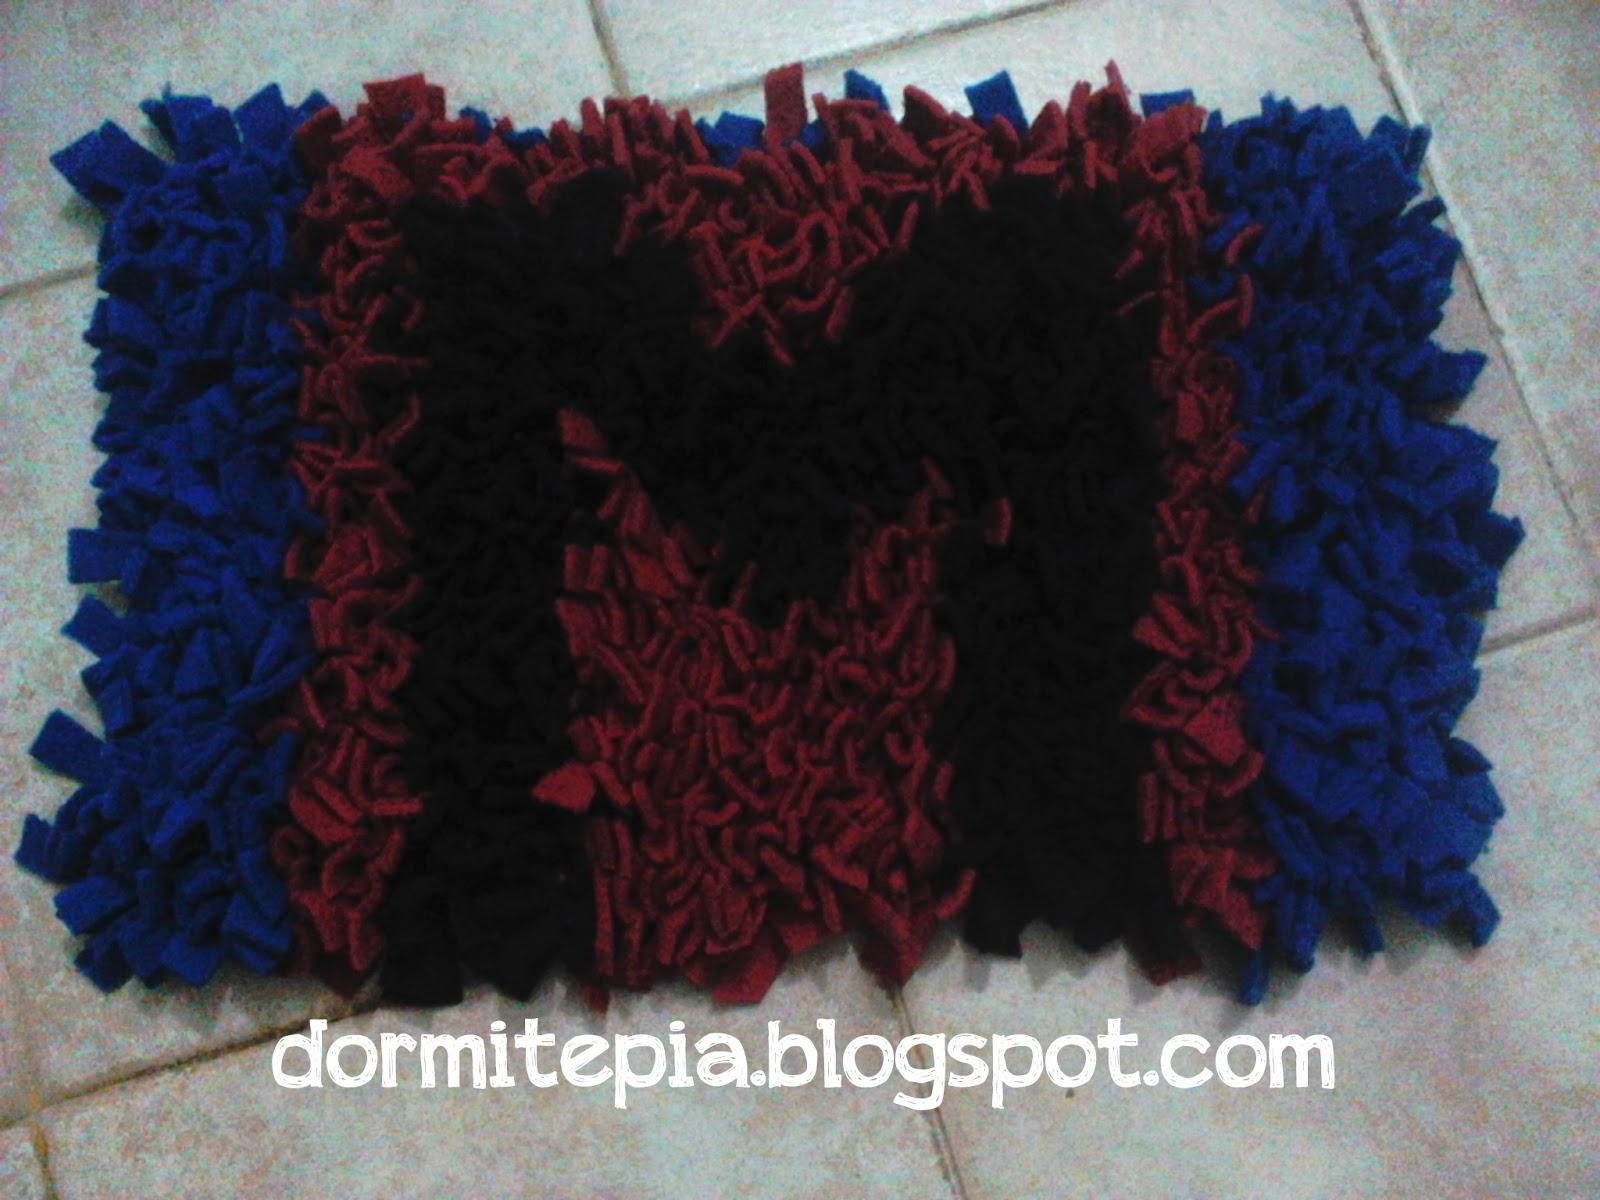 Dormite p a alfombra acolchonadita con retazos de tela - Como hacer alfombras con trapillo ...